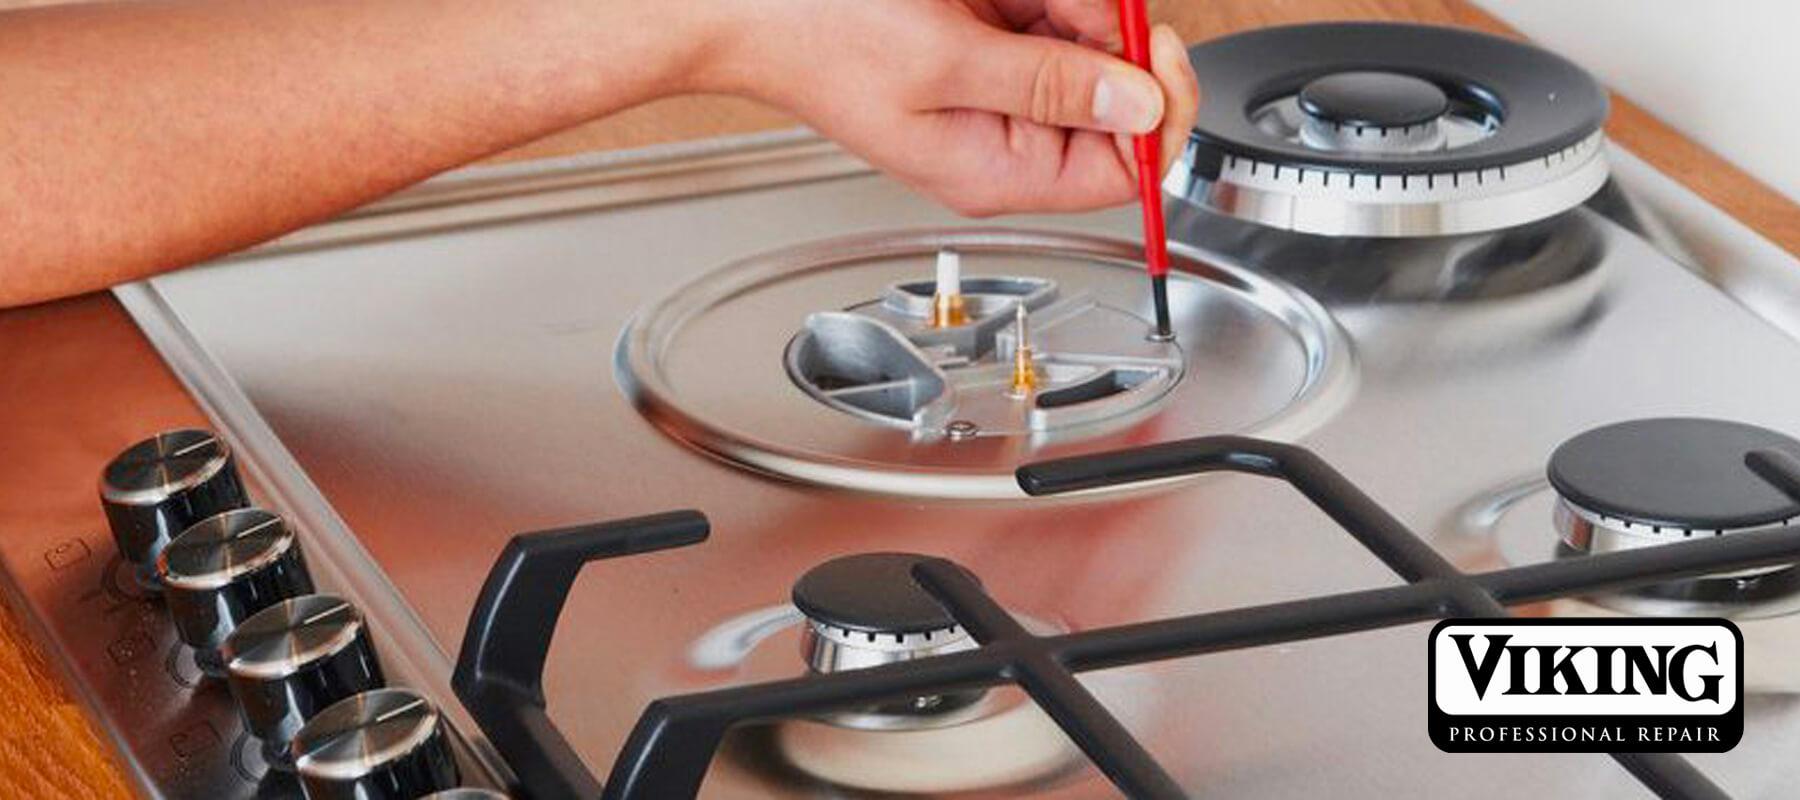 Viking Stove Repair Service   Professional Viking Repair